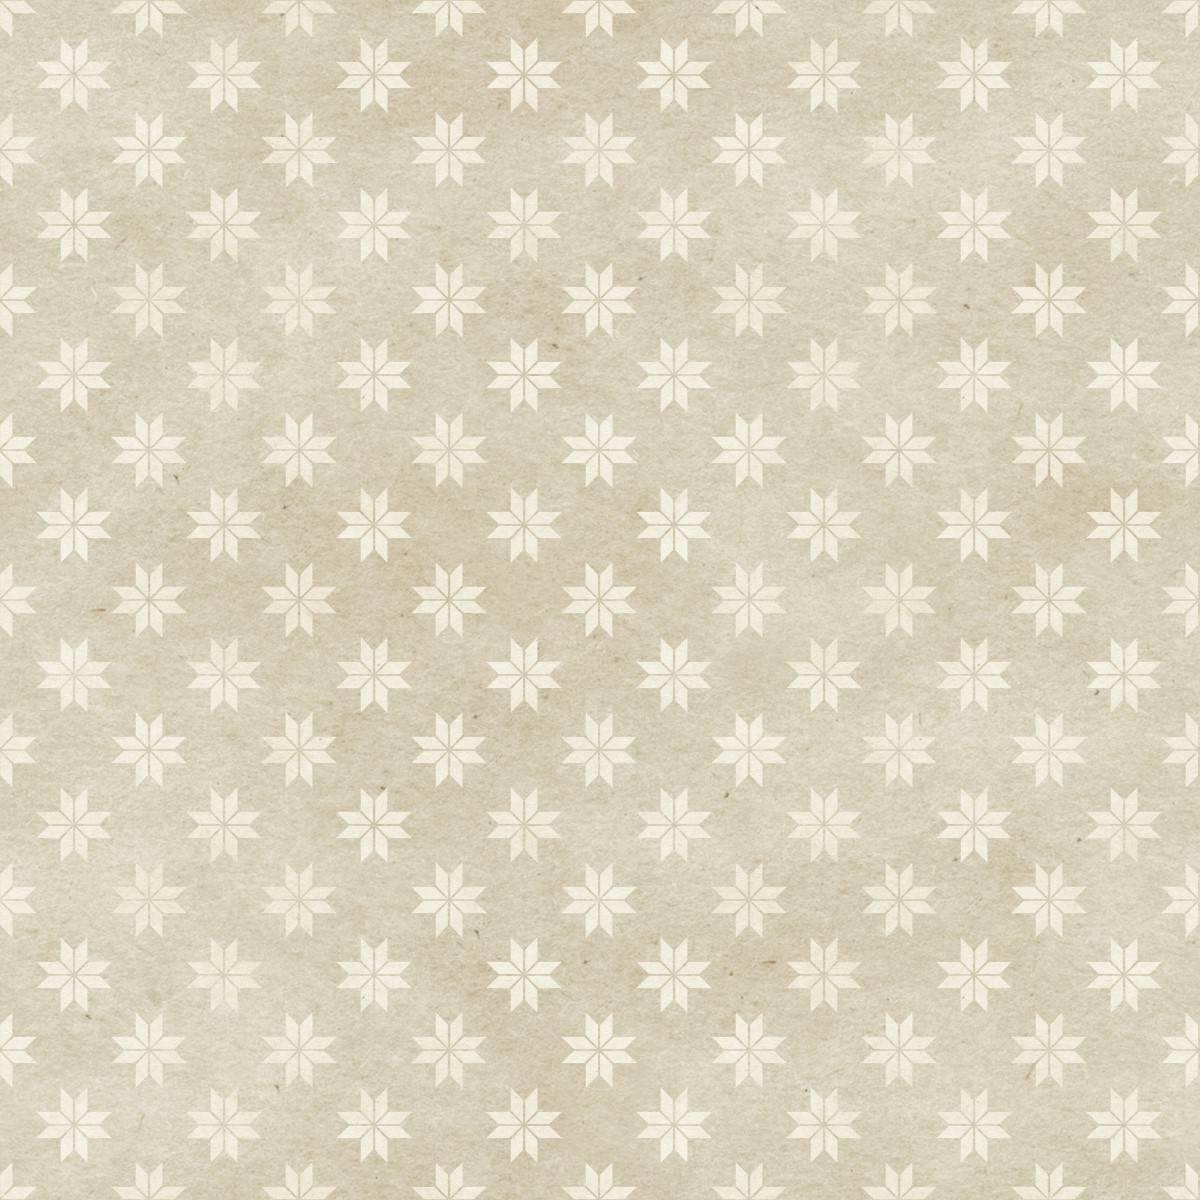 Papel de Parede Adesivo Geométrico Estrela/Rolo imagem 1